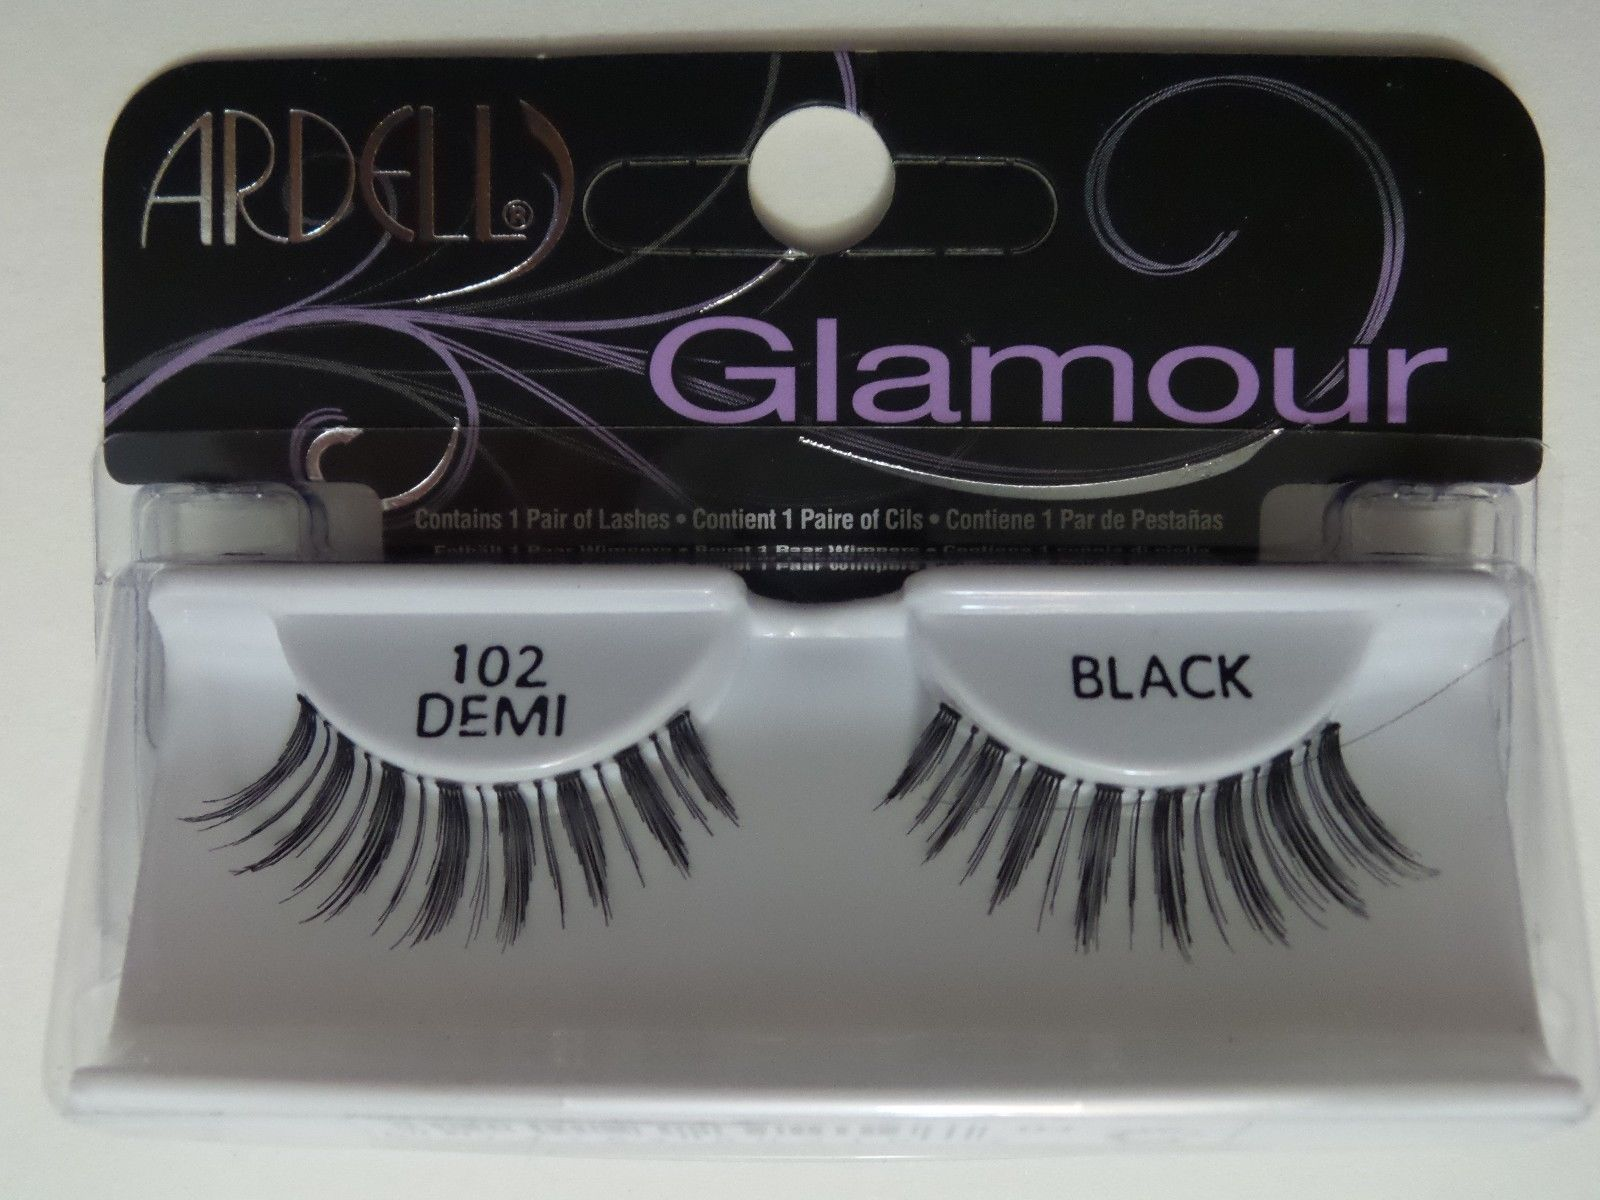 3c522fe4b48 (Lot Of 10) Ardell Natural Lashes #102 Demi False Eyelashes Fake Black  Fashion